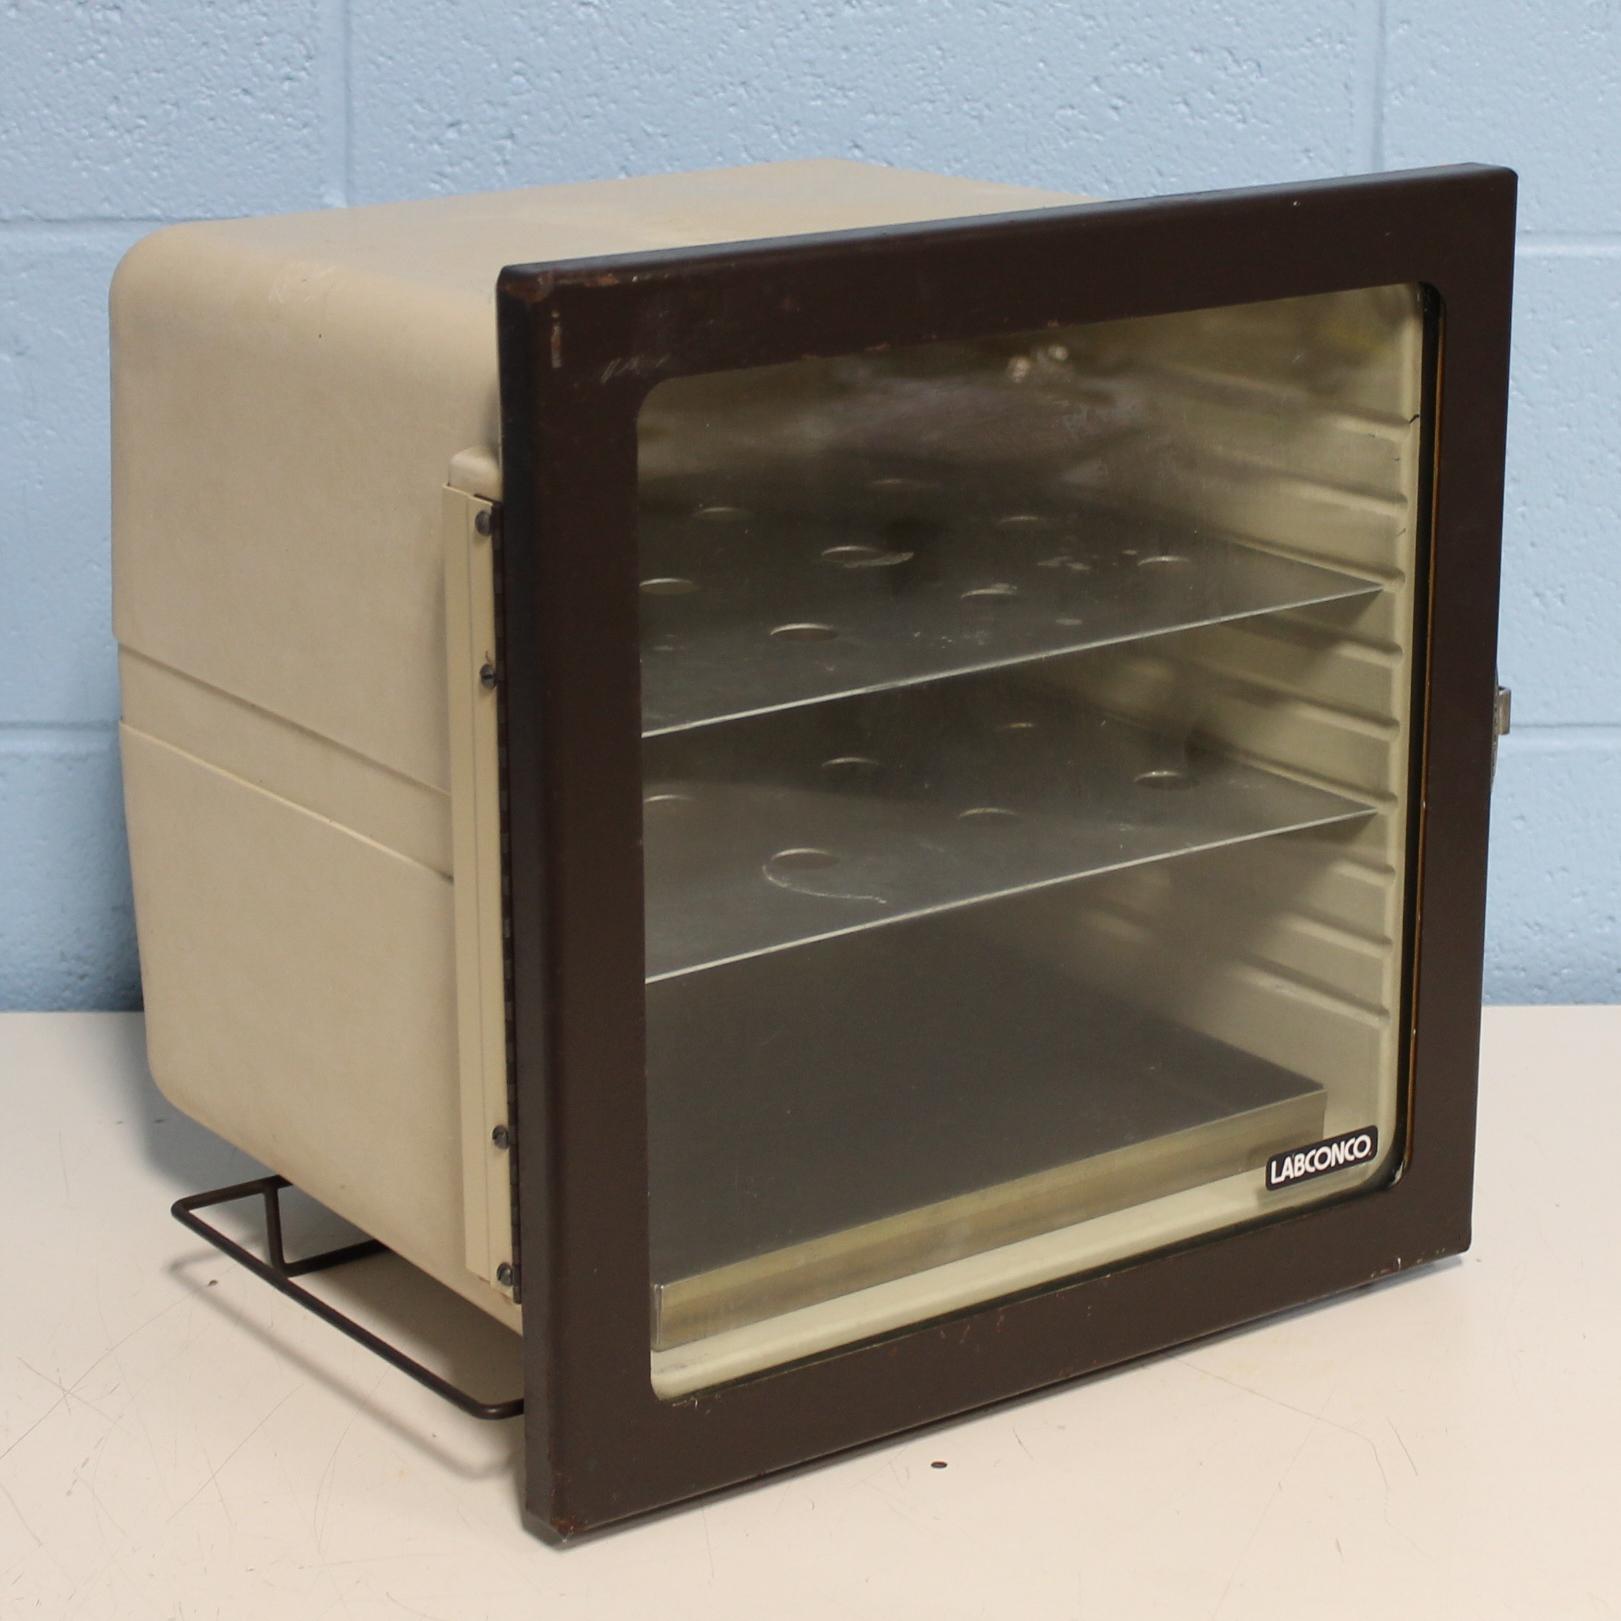 Labconco Vacuum Desiccator CAT #5530000 Image